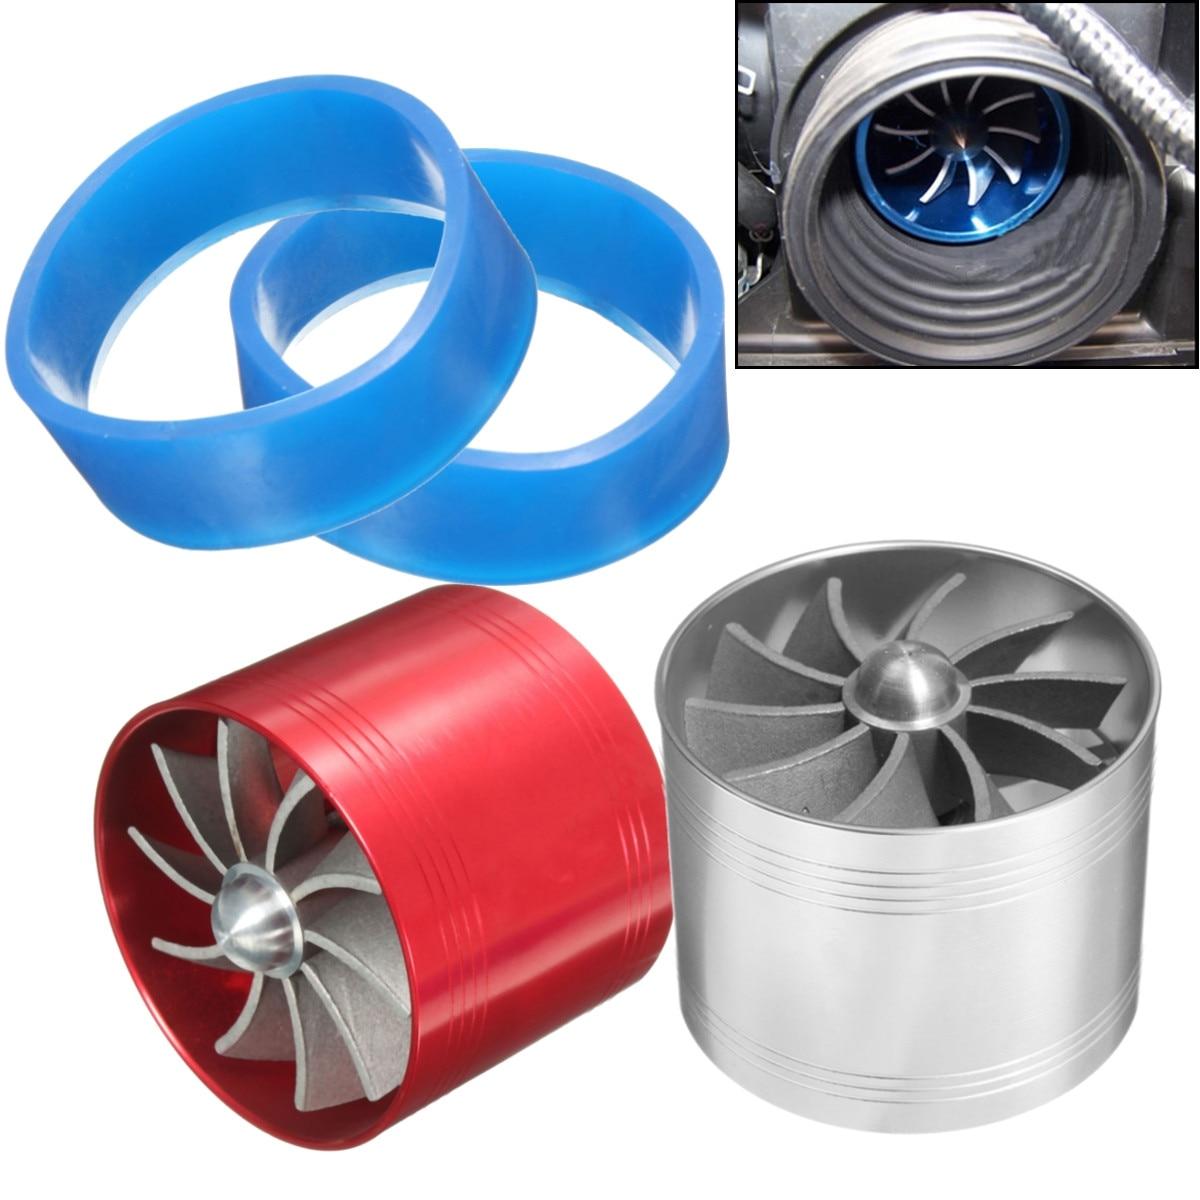 Neue Universal Auto Kraftstoff Gas Saver Supercharger Für Turbine Turbo Ladegerät Turbolader Luftfilter Intake Fan Fuel Saver Erhöhen